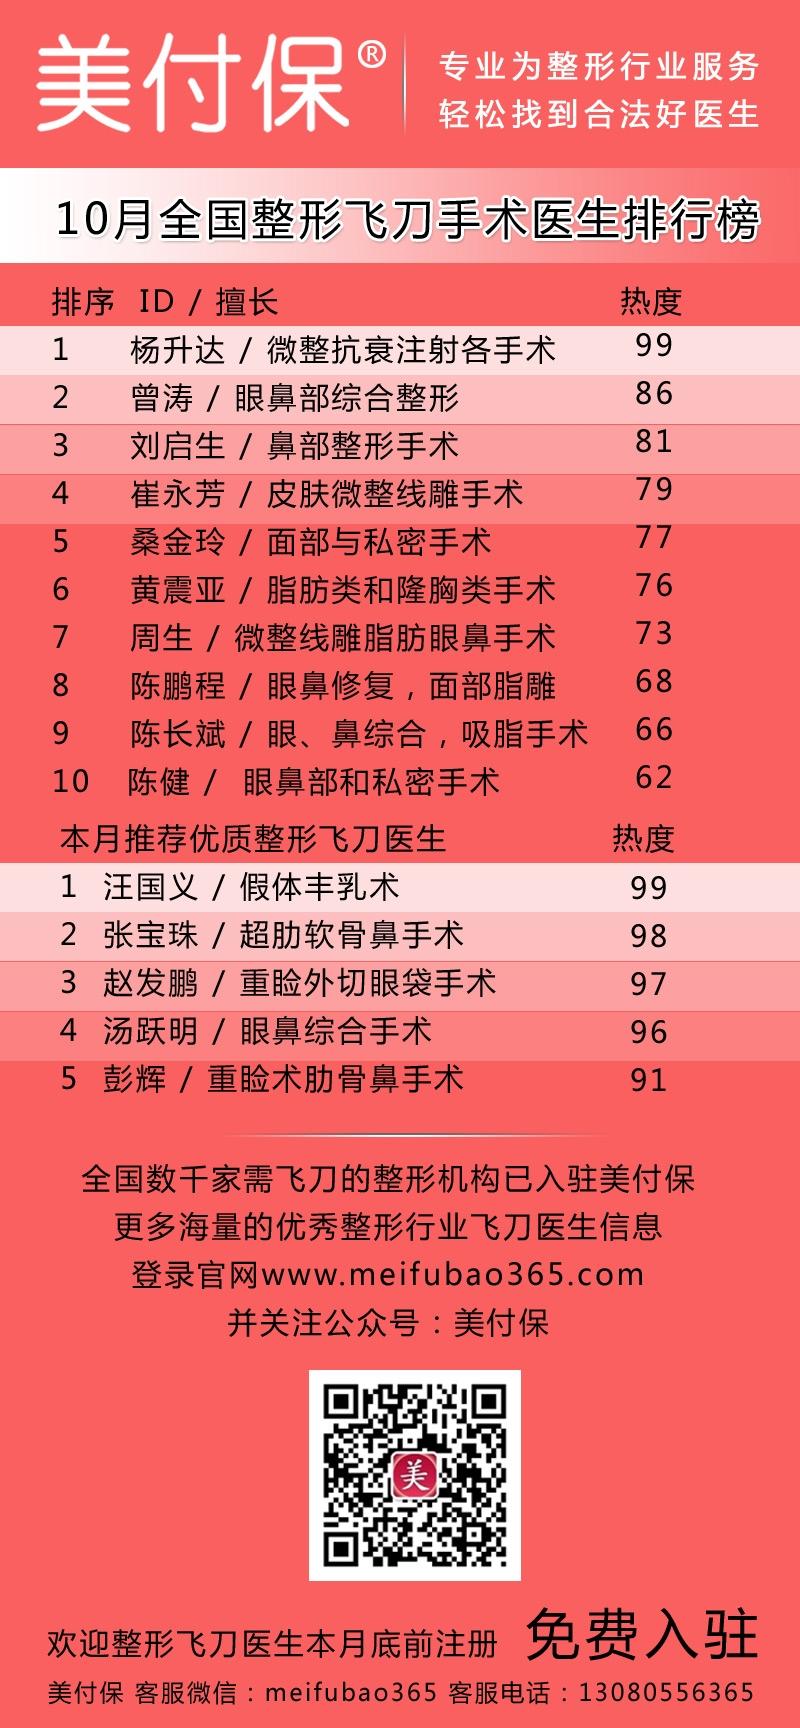 10月全国整形医生飞刀热门排行榜